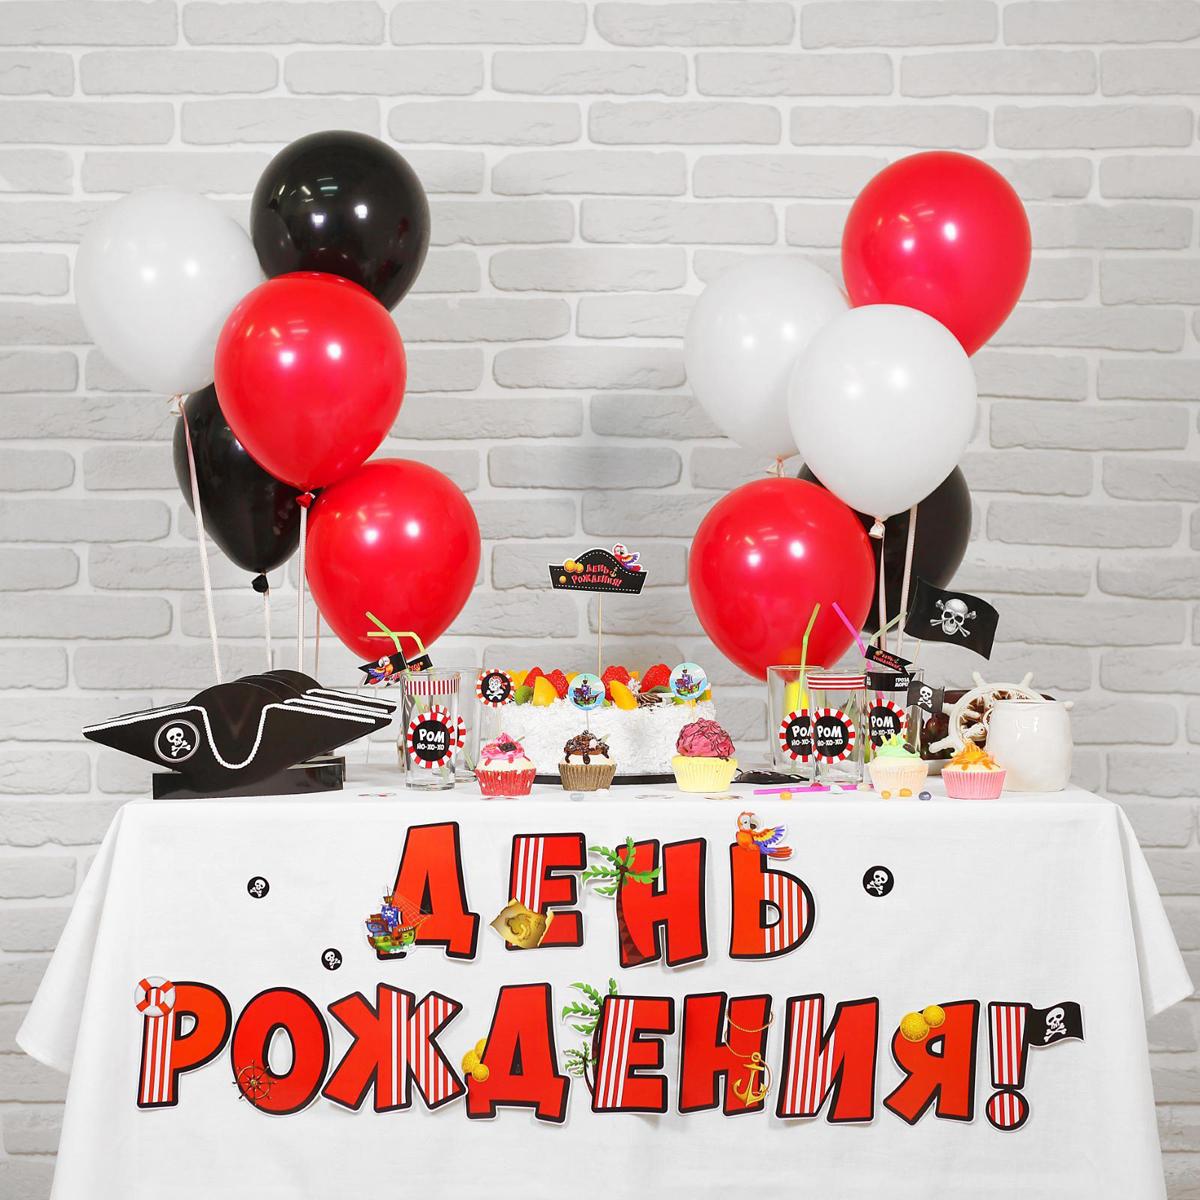 страна карнавалия набор бумажной посуды яркий праздник на 6 персон 856616 Страна Карнавалия Набор для оформления праздника День рождения пирата 1258350